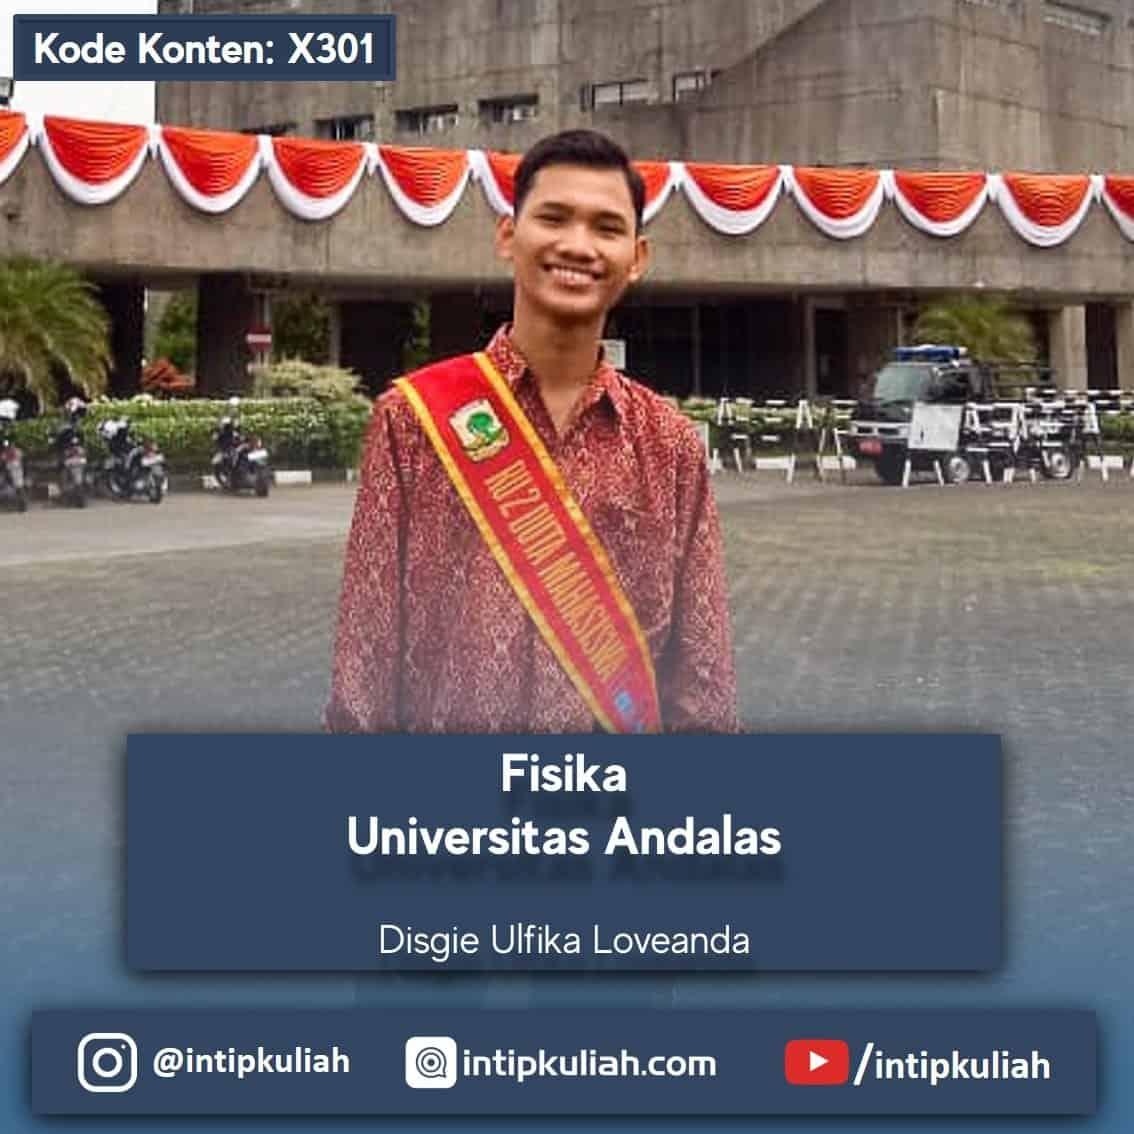 Fisika Universitas Andalas (Disgie)